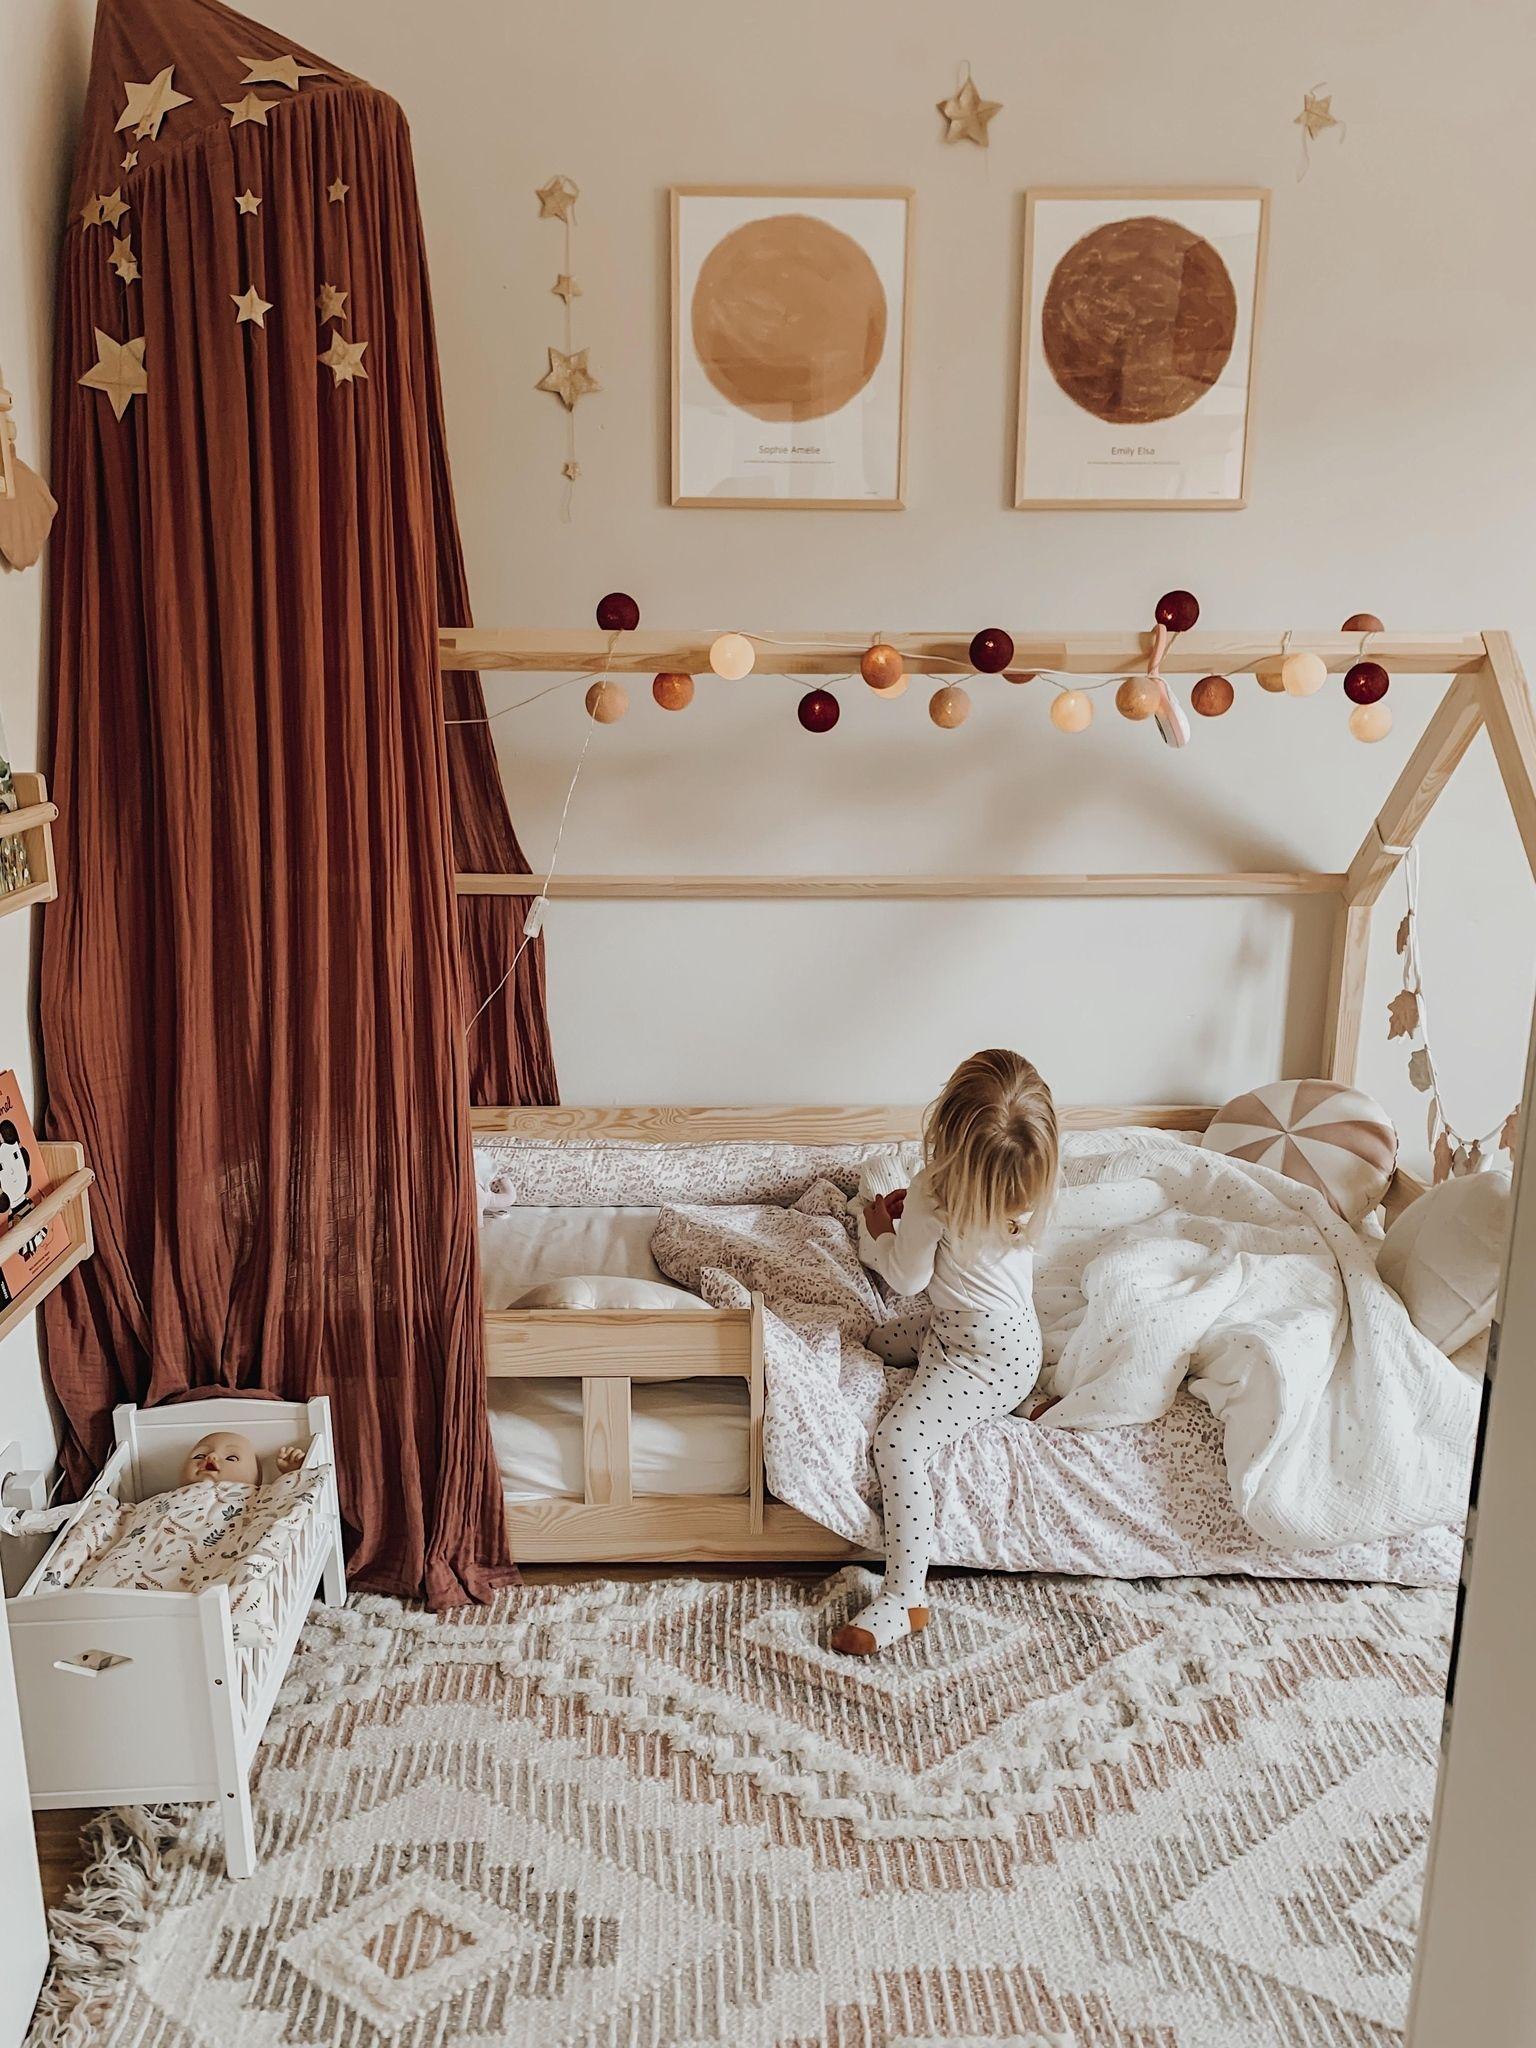 Kinderzimmer im gemütlichen nordischen Stil